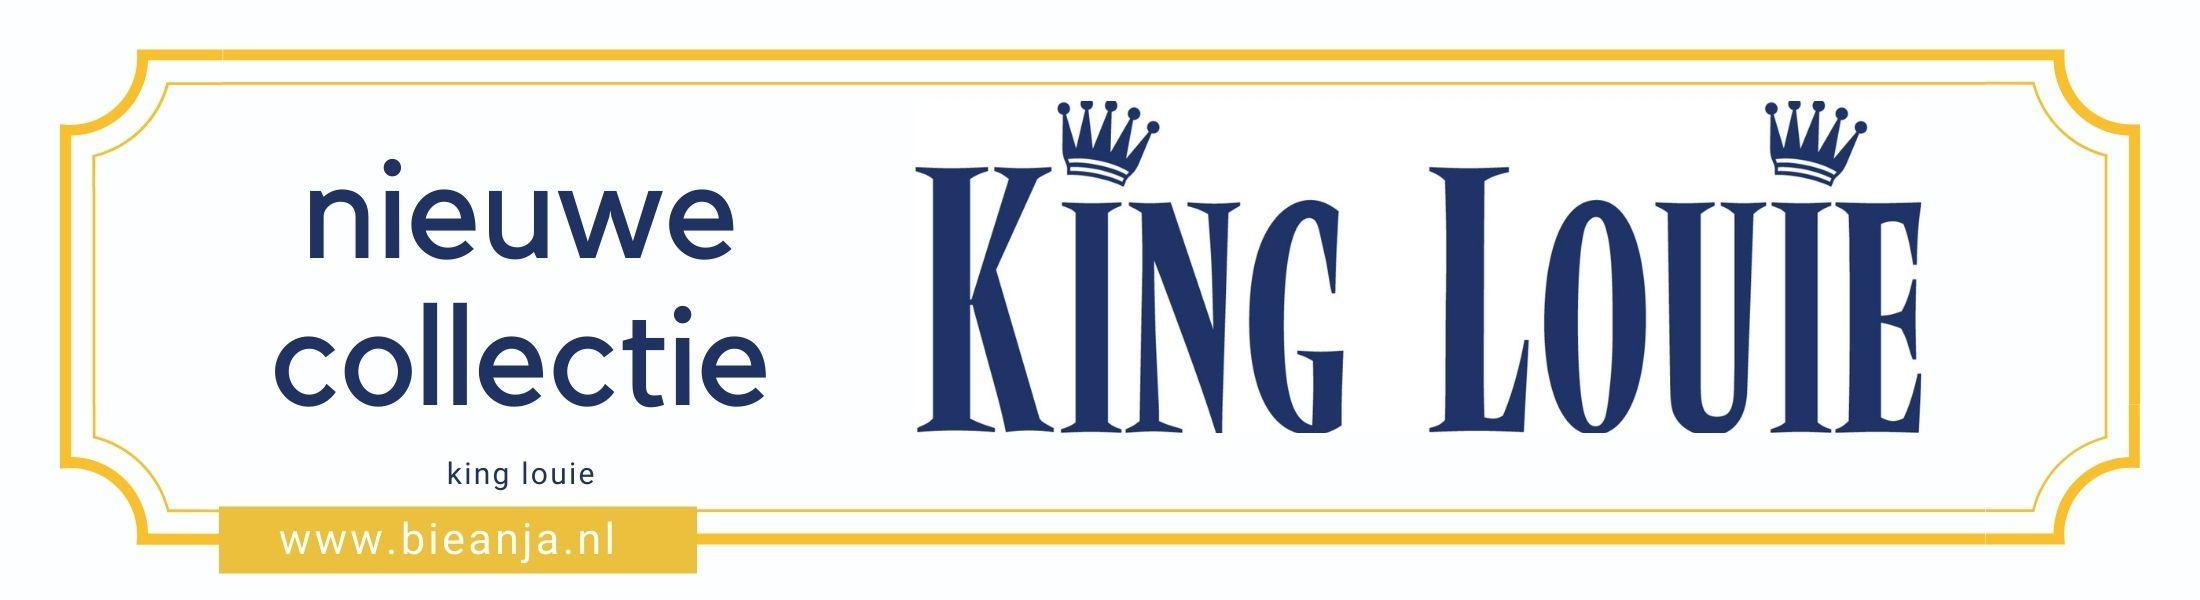 King louie nieuwe collectie